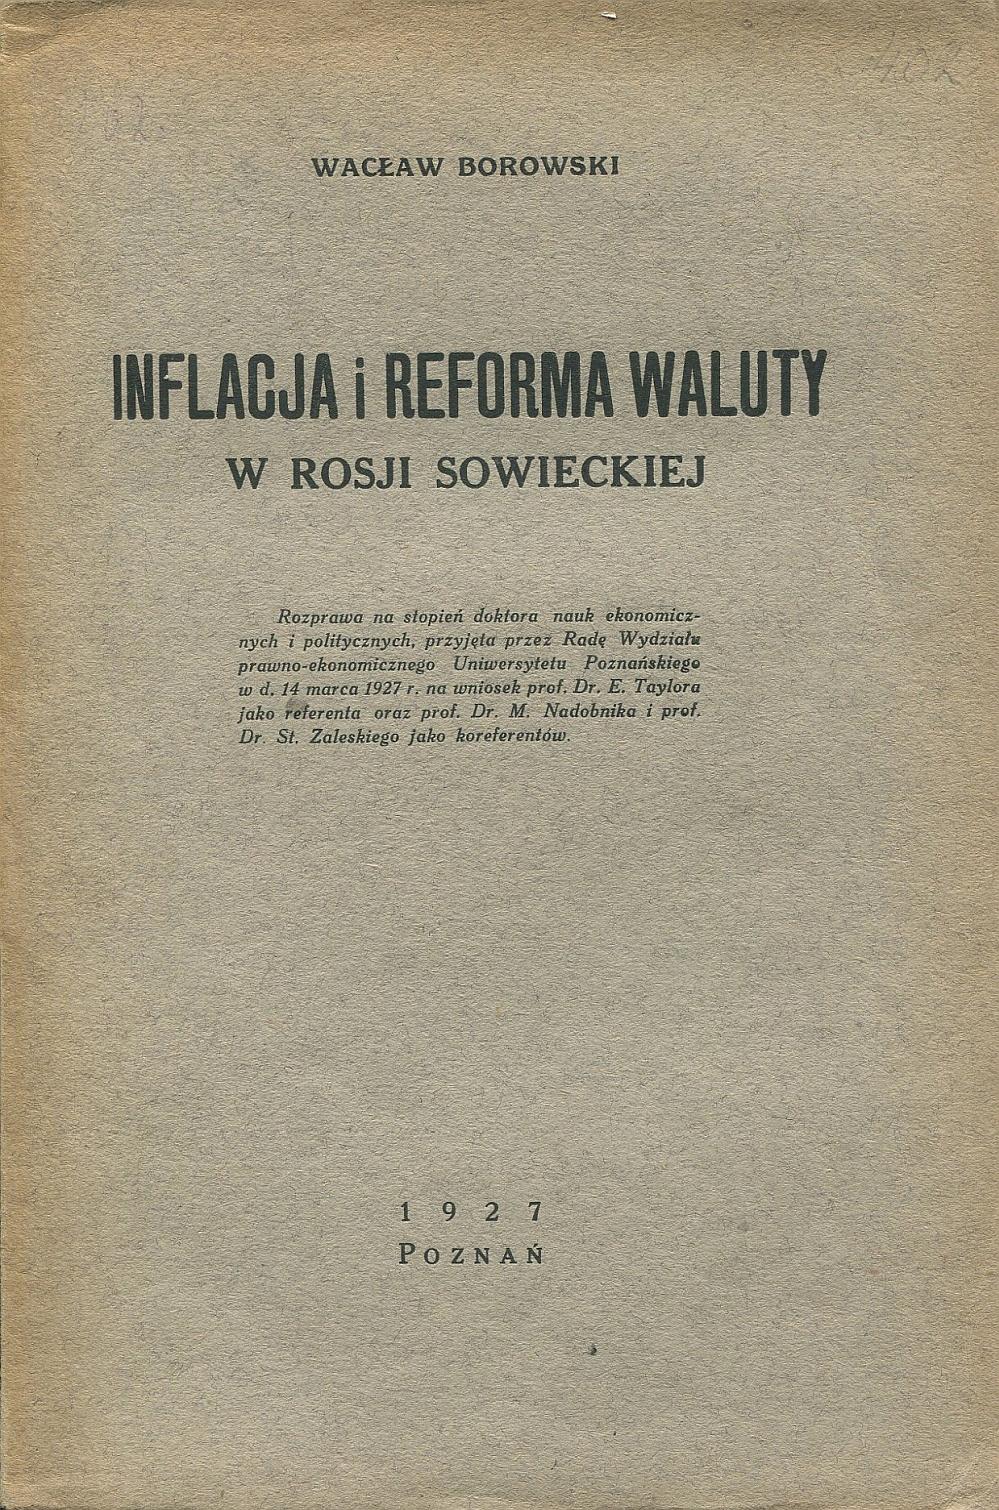 INFLACJA I REFORMA WALUTY Borowski 1927 Rosja ZSRR